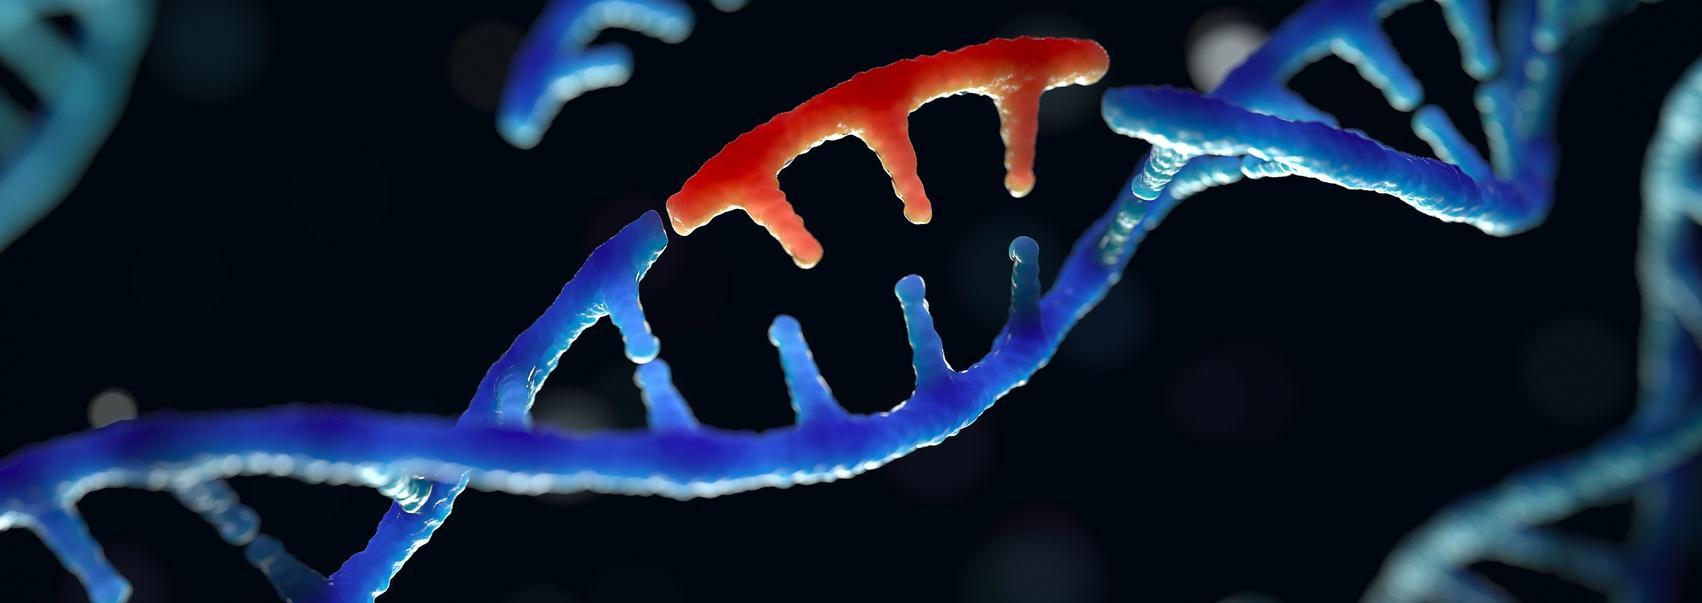 Ученые описали новую болезнь. Раскрываем подробности